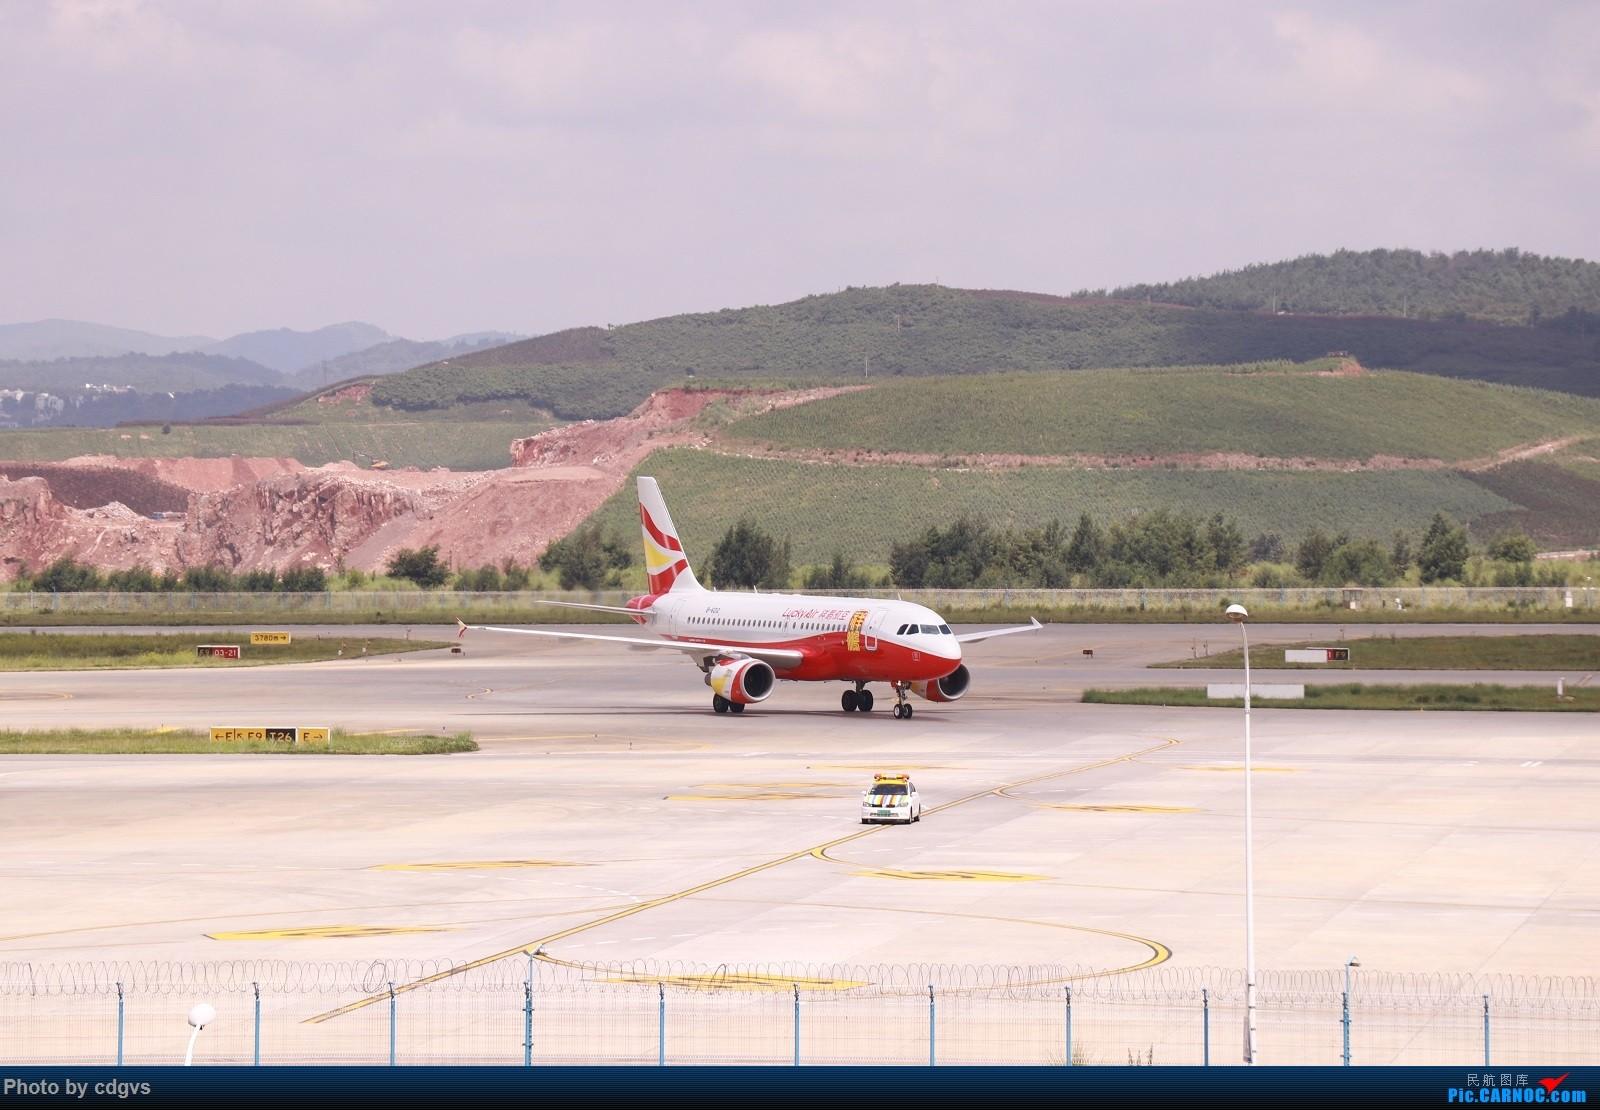 Re:[原创]【KMG】昆明的一天 1600大图 一次看个爽 AIRBUS A319-100 B-6212 中国昆明长水国际机场